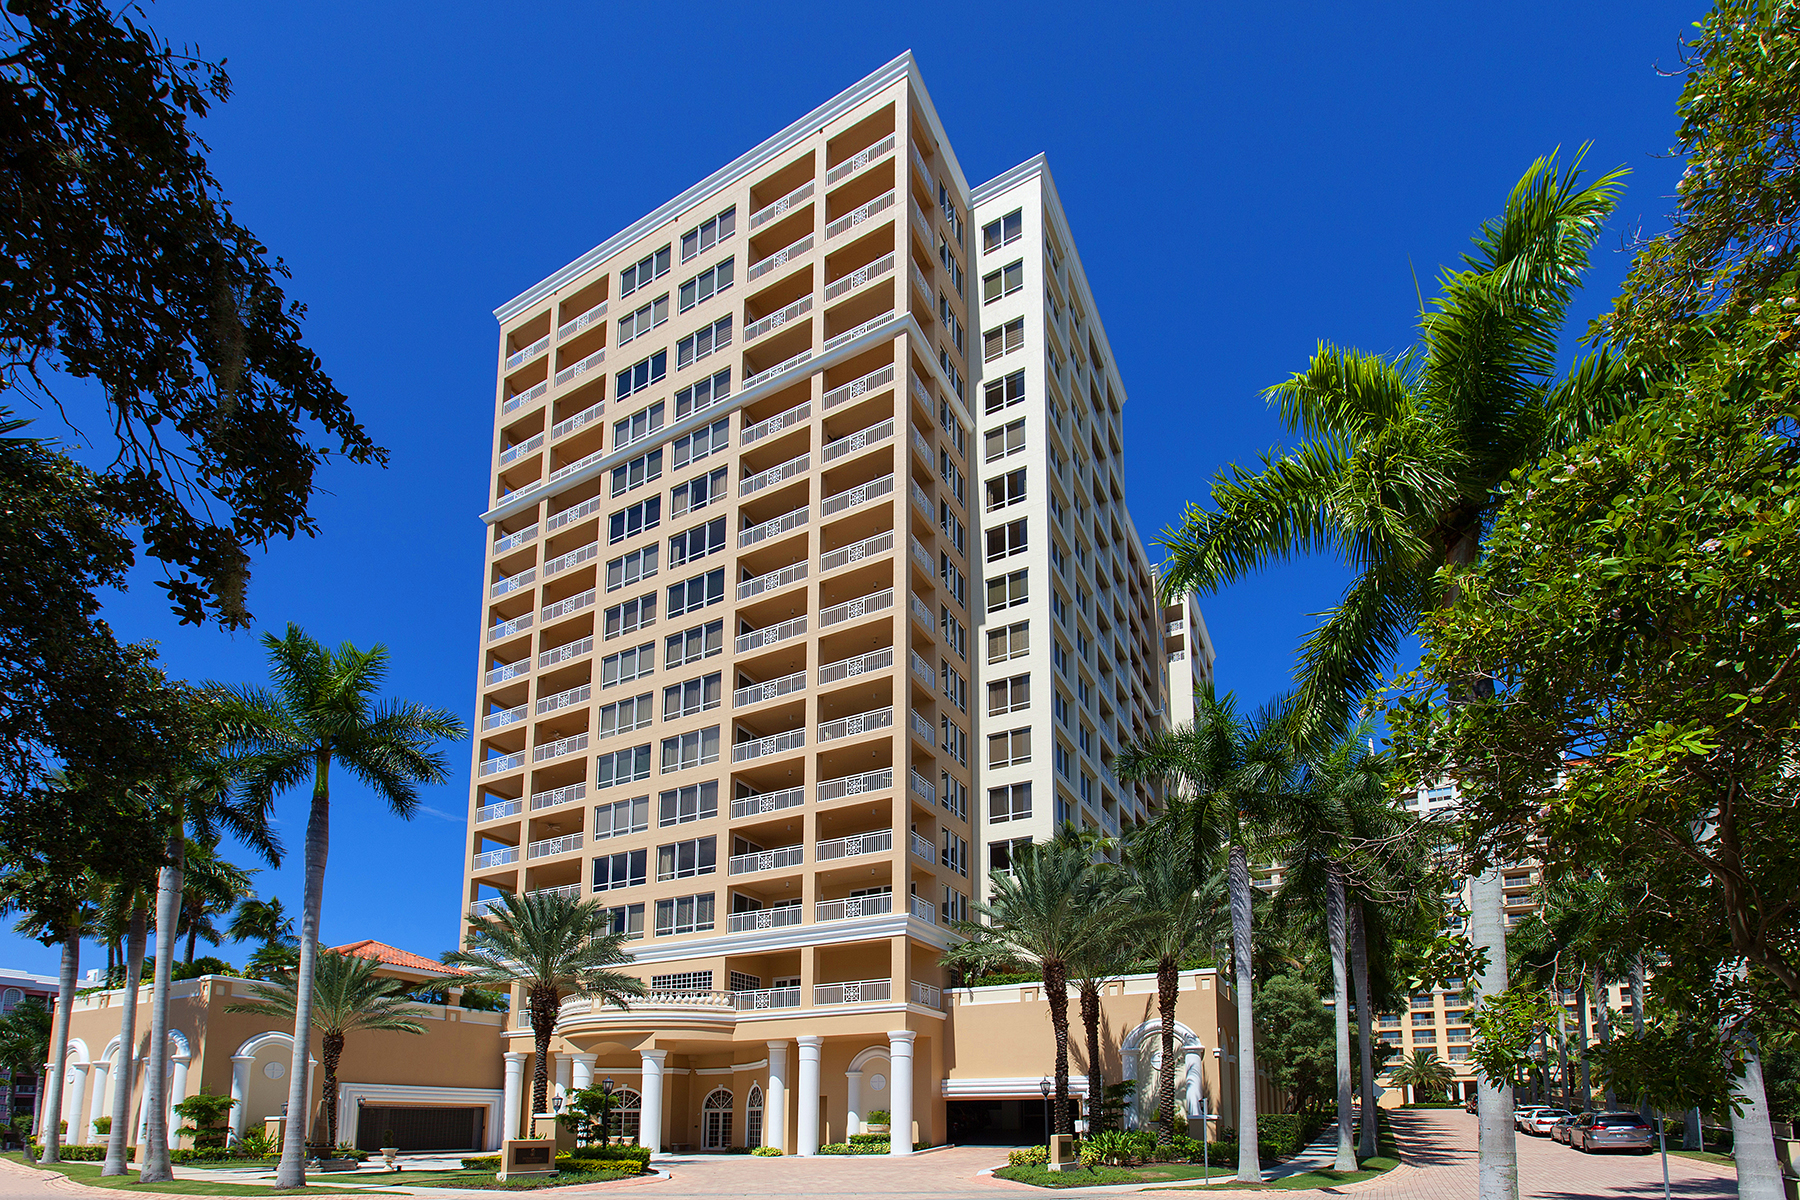 콘도미니엄 용 매매 에 THE TOWER RESIDENCES 35 Watergate Dr 704 Sarasota, 플로리다, 34236 미국